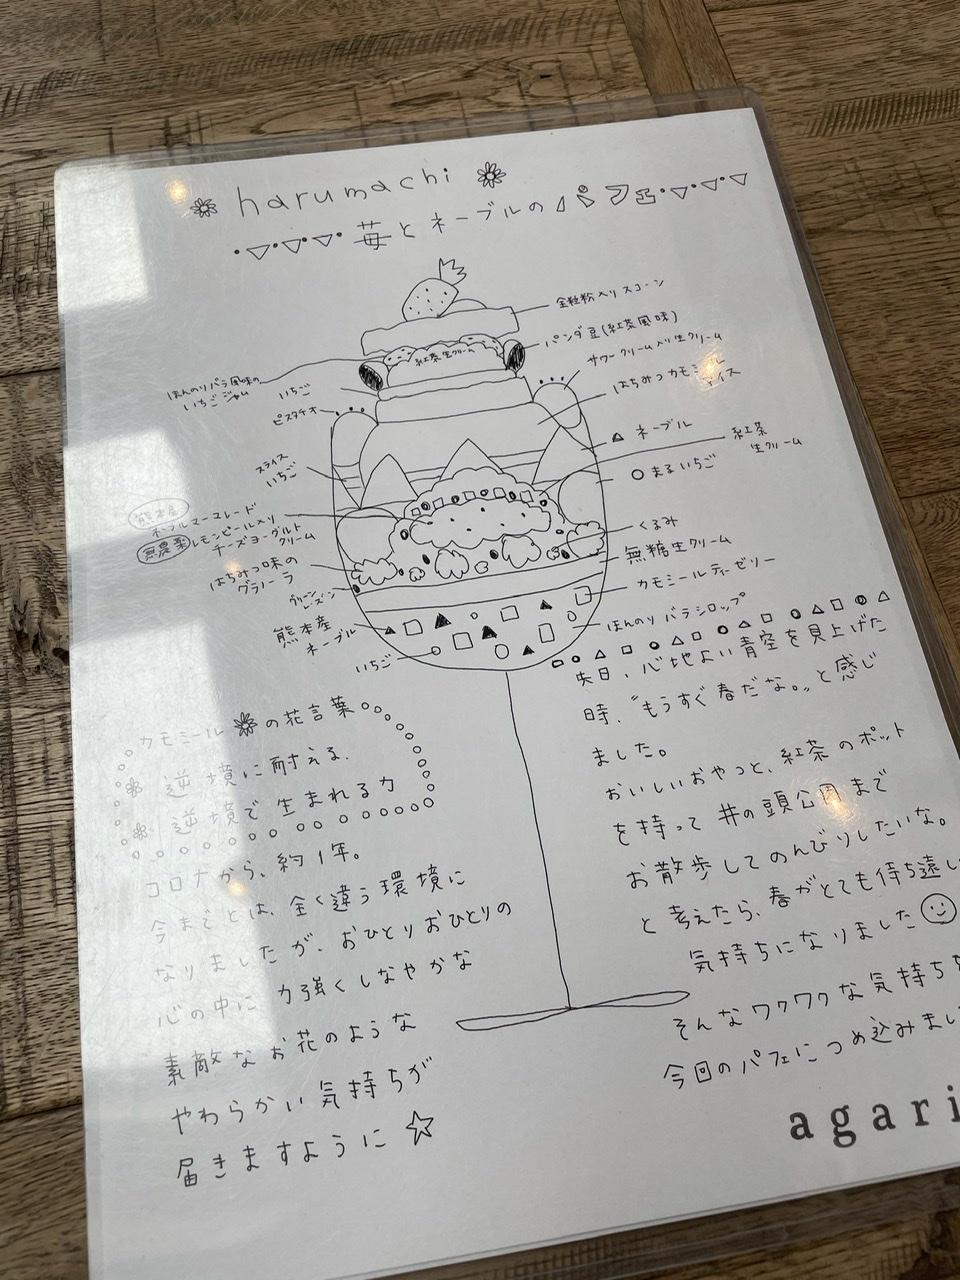 【おすすめいちごスイーツ】春を待つ《parfait bar agari》さんの「harumachi 苺とネーブルのパフェ」_3